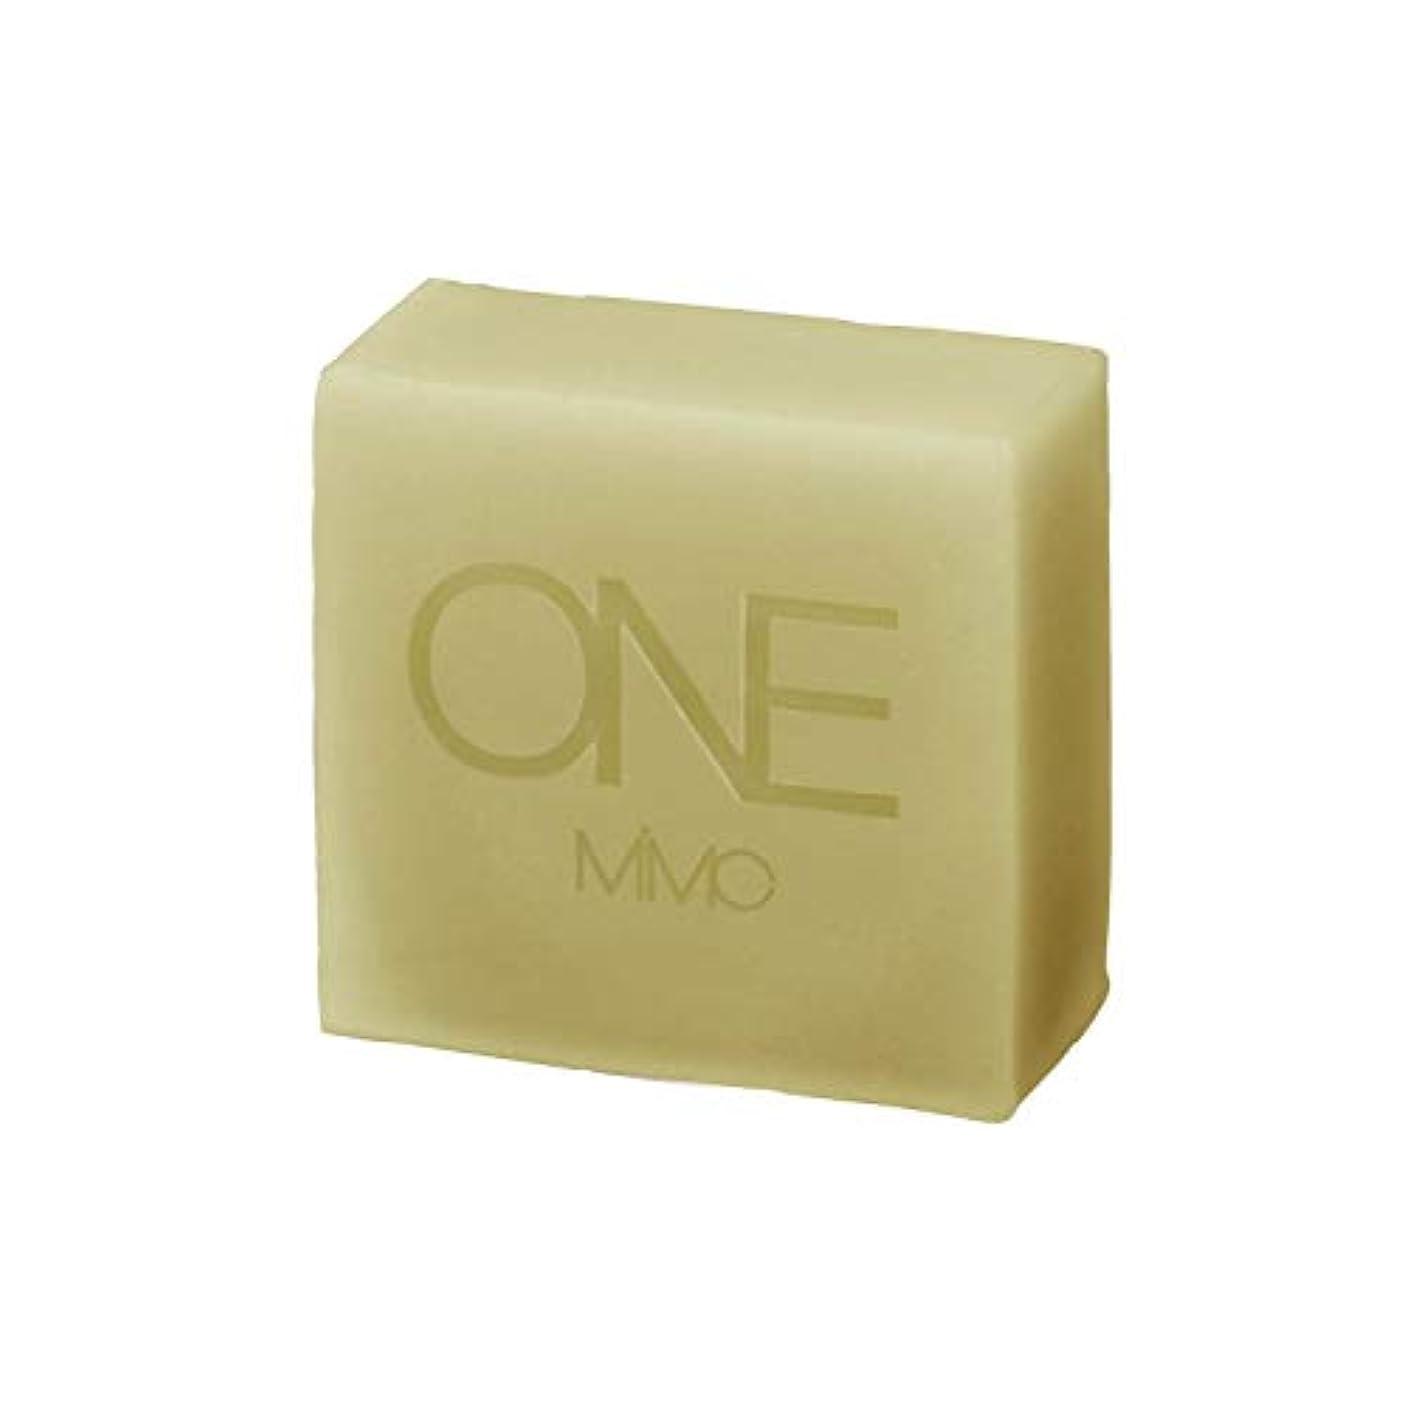 無謀大騒ぎ革命的【MiMC ONE(エムアイエムシー ワン)】ハーブプロテクトソープ フォーアウトドア/アブサンガード 85g